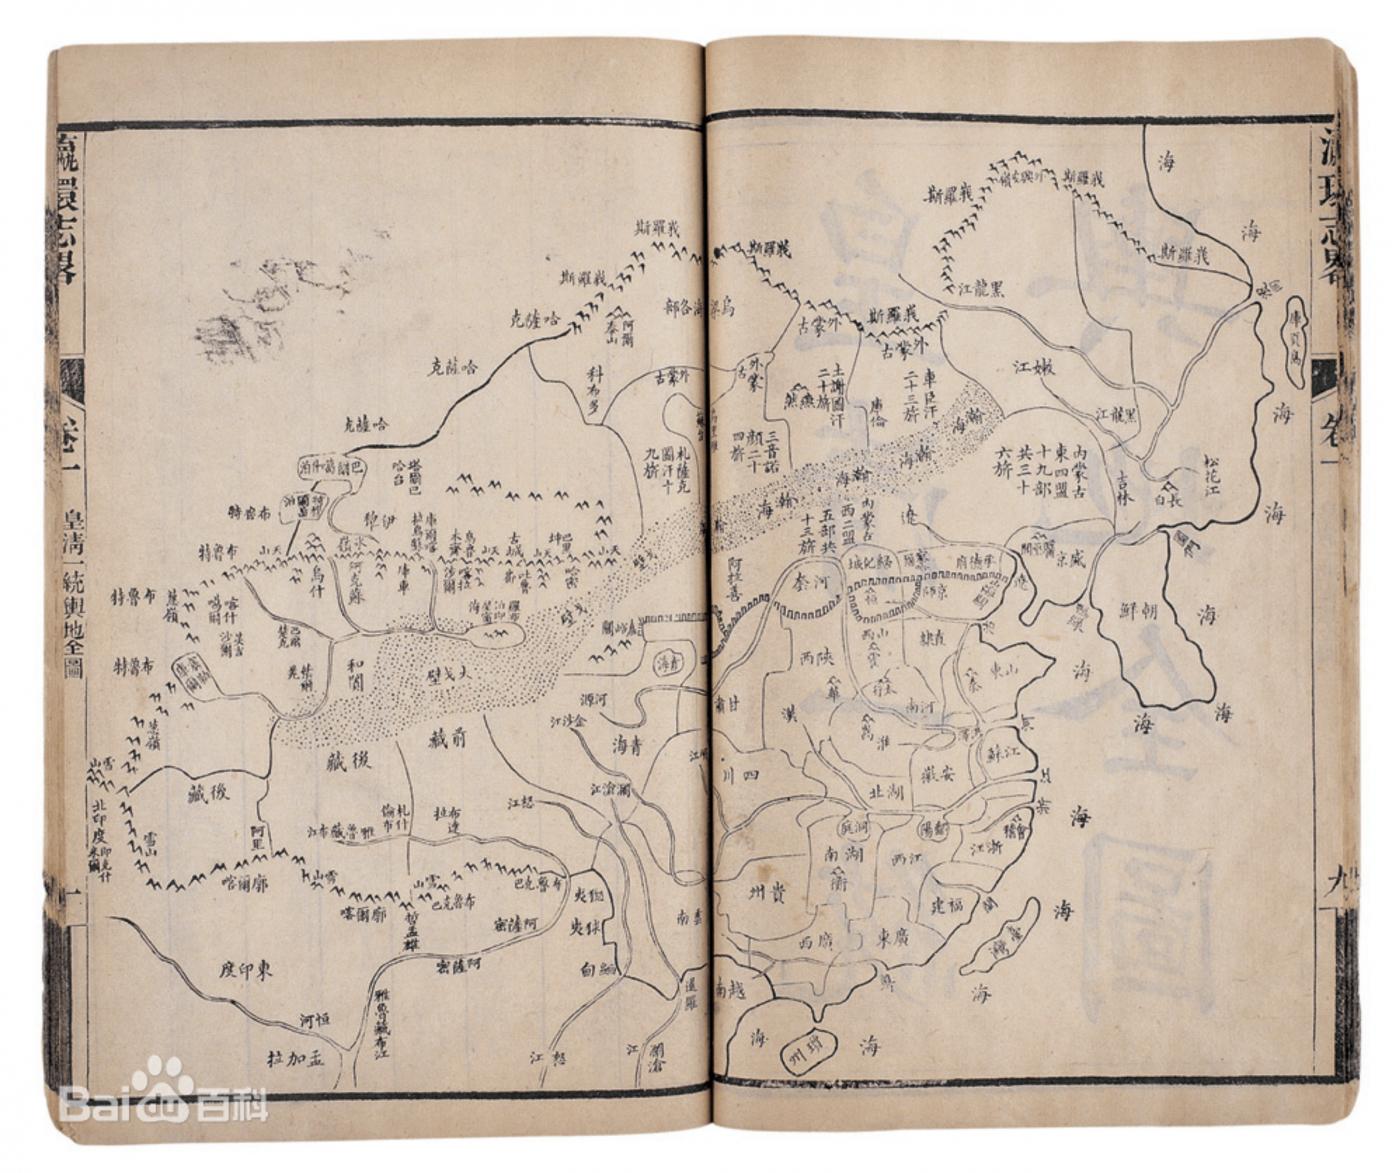 美国华盛顿纪念碑中的一块中文石碑_图1-3